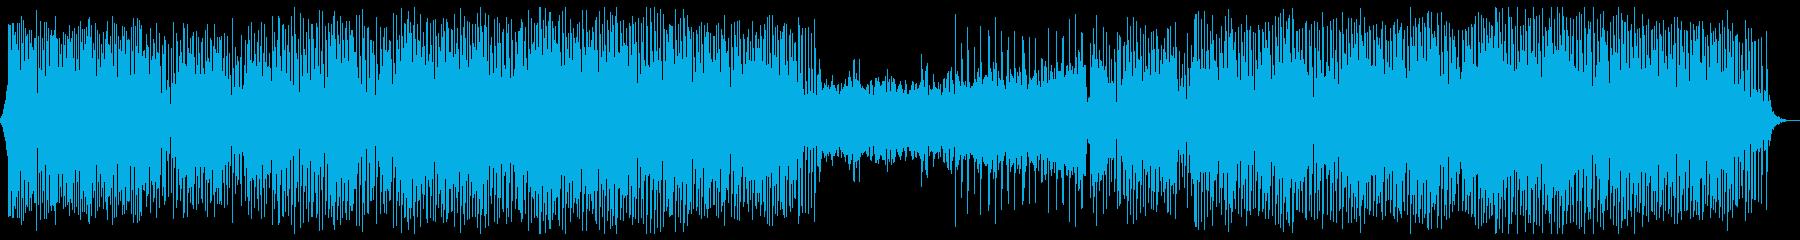 クールなのに哀愁漂う曲の再生済みの波形